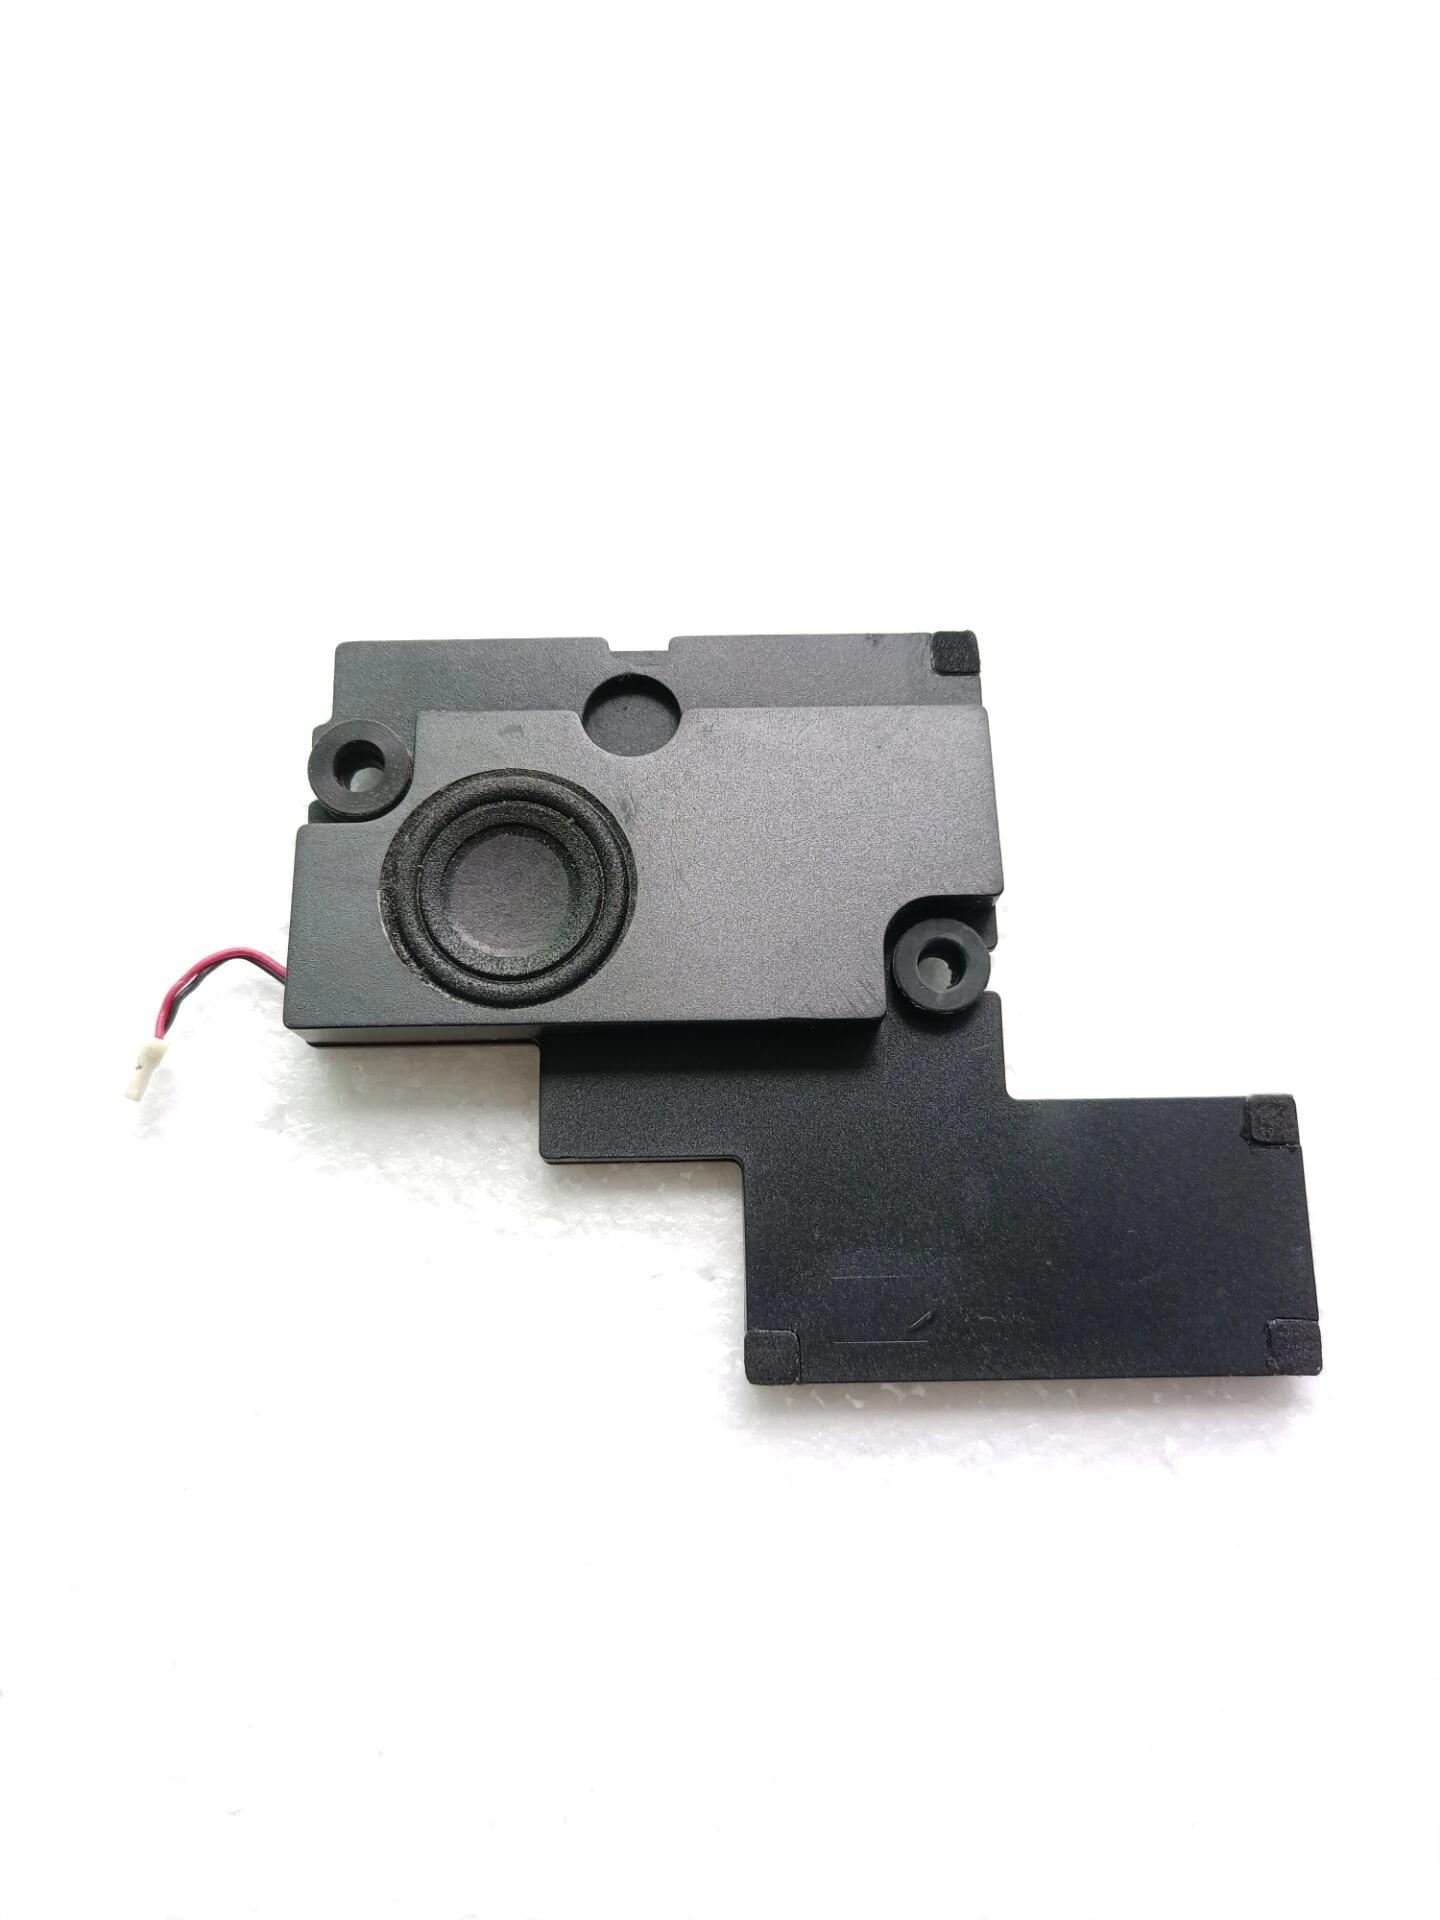 NEUE Original Freies Verschiffen laptop interne lautsprecher fur Dell XPS 1640 1645 1647 Eingebaute lautsprecher